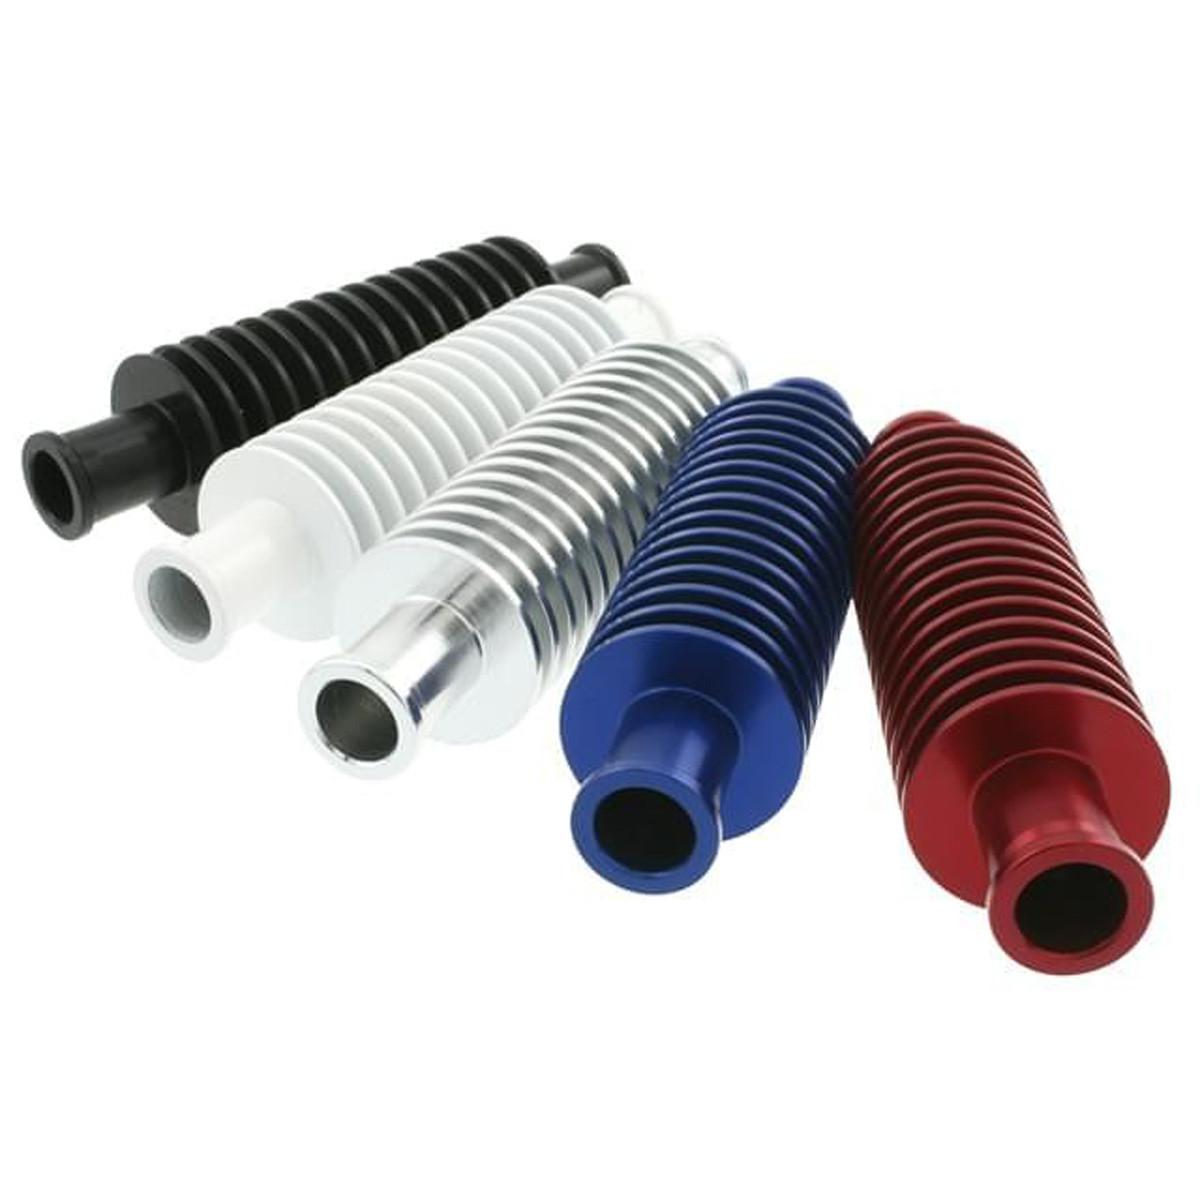 Radiateur pour durite de refroidissement - STR8 15mm Bleu